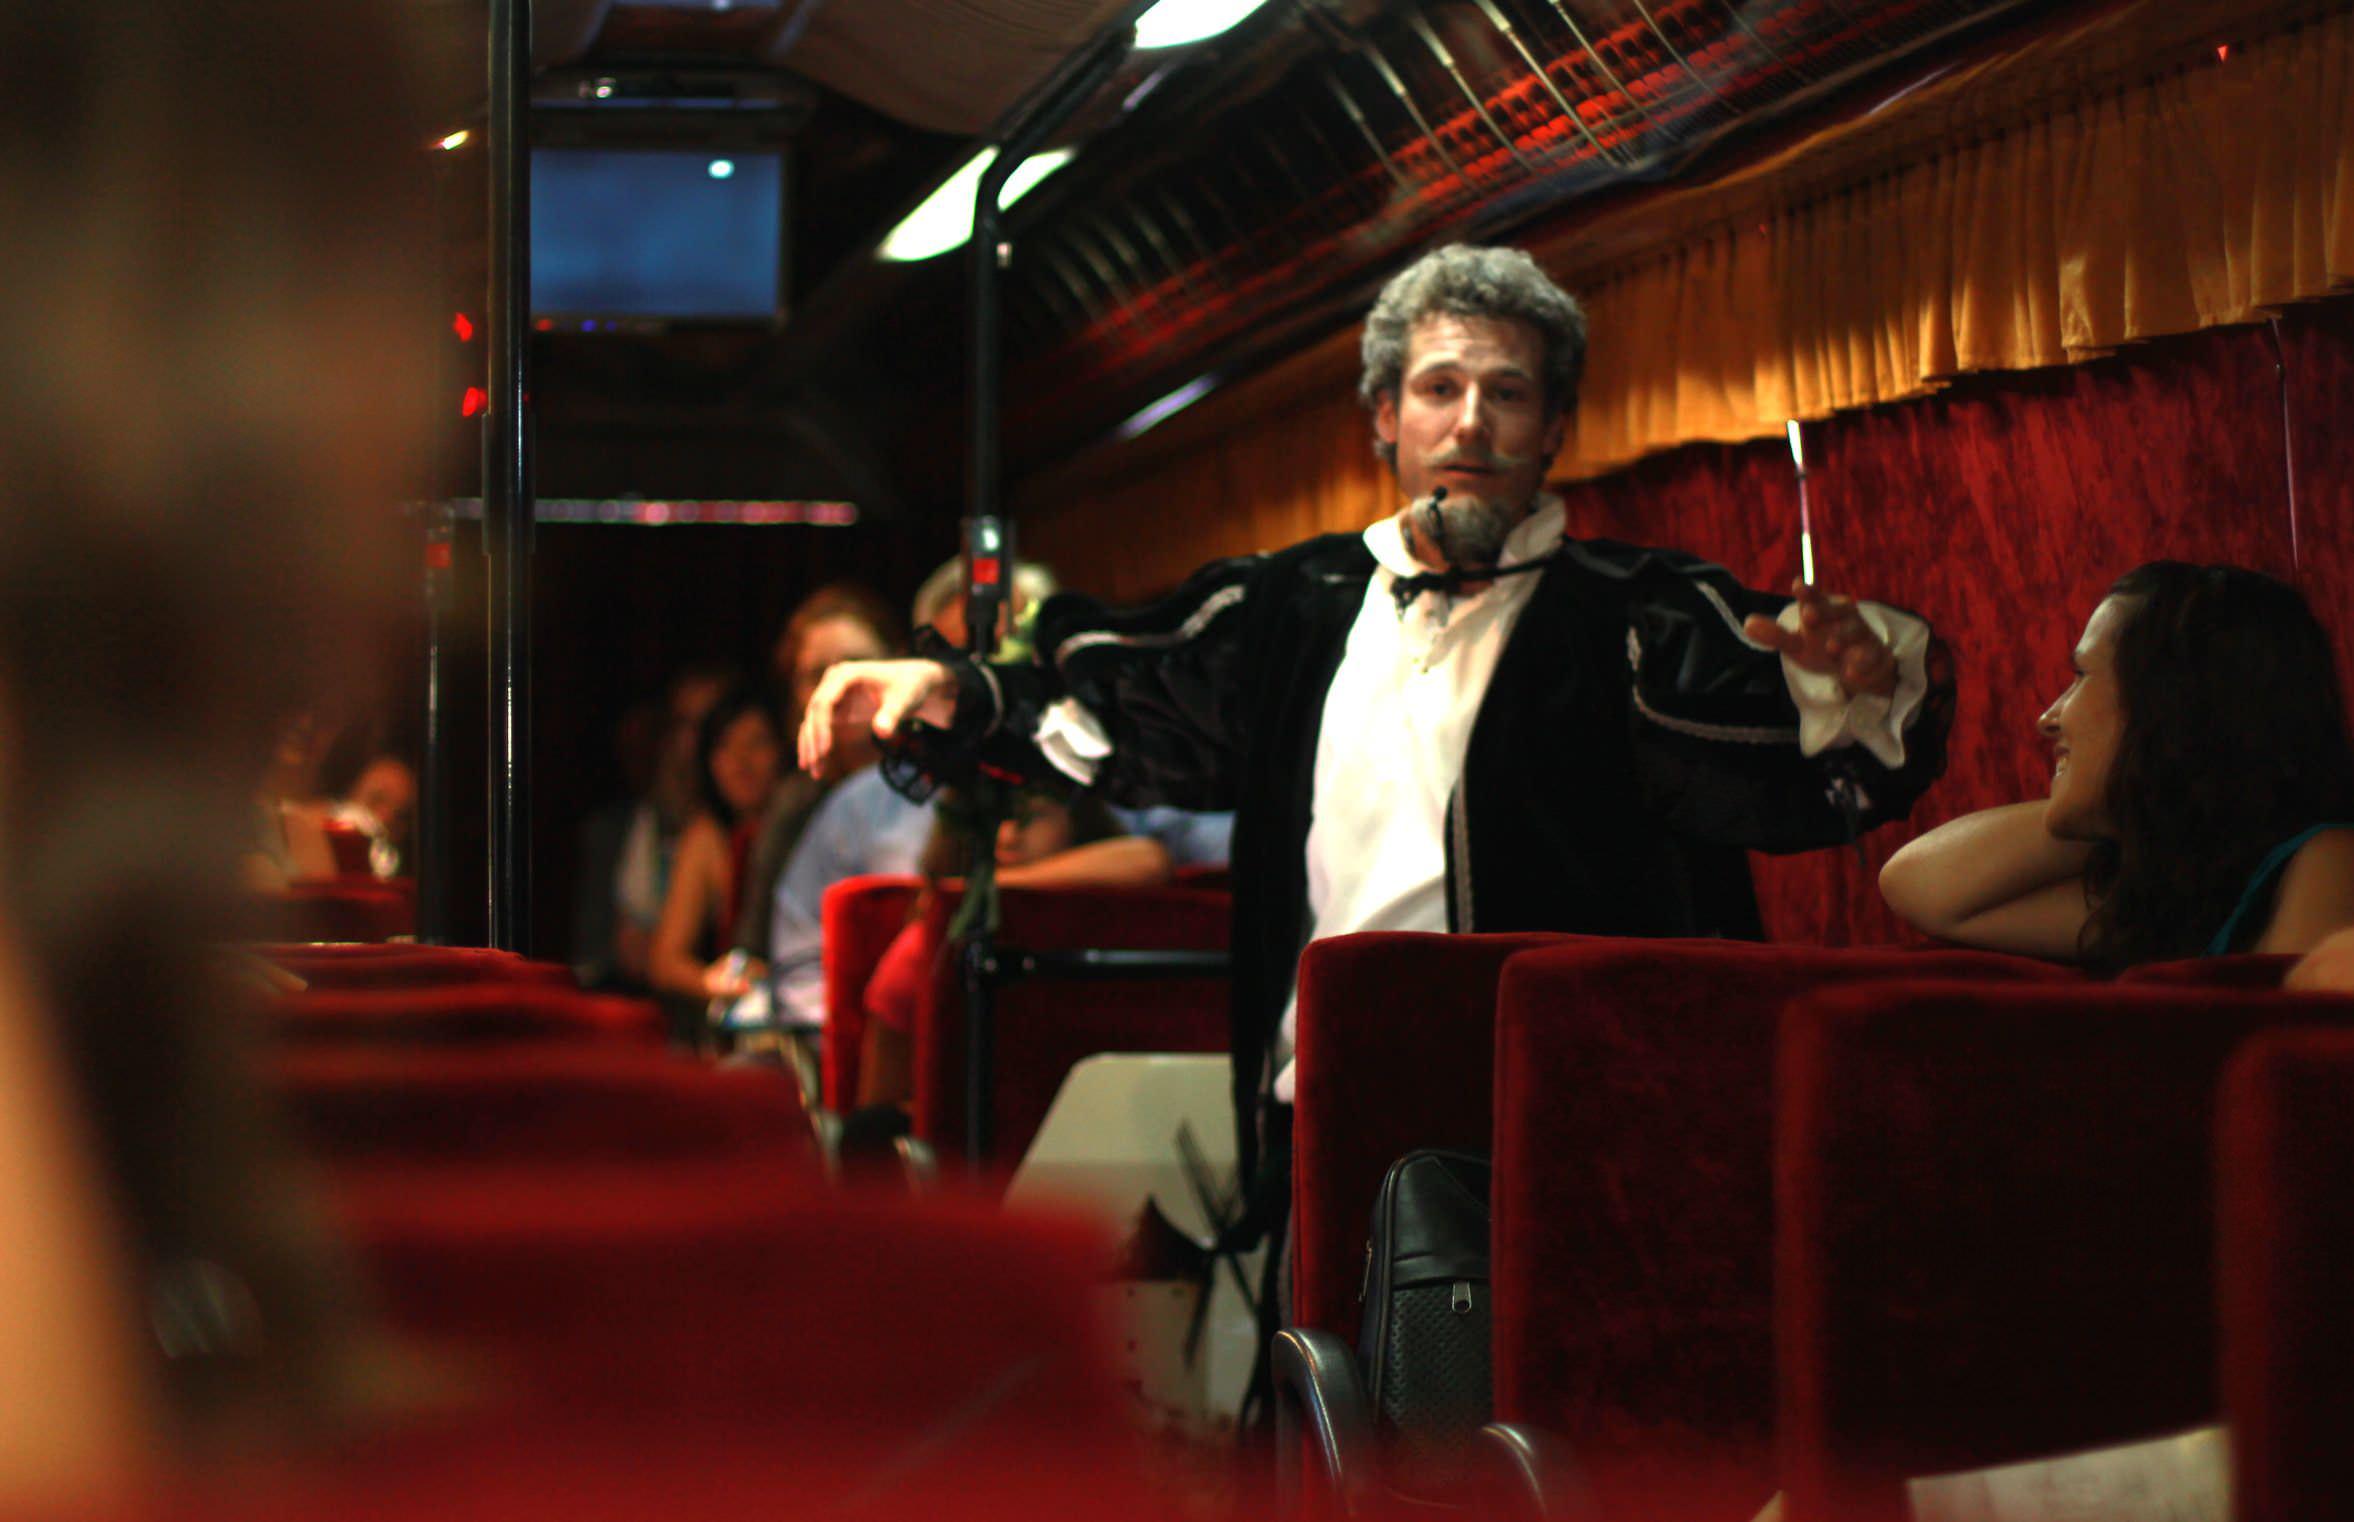 Teatro Bus: Obras sobre ruedas - Un buen día en Madrid